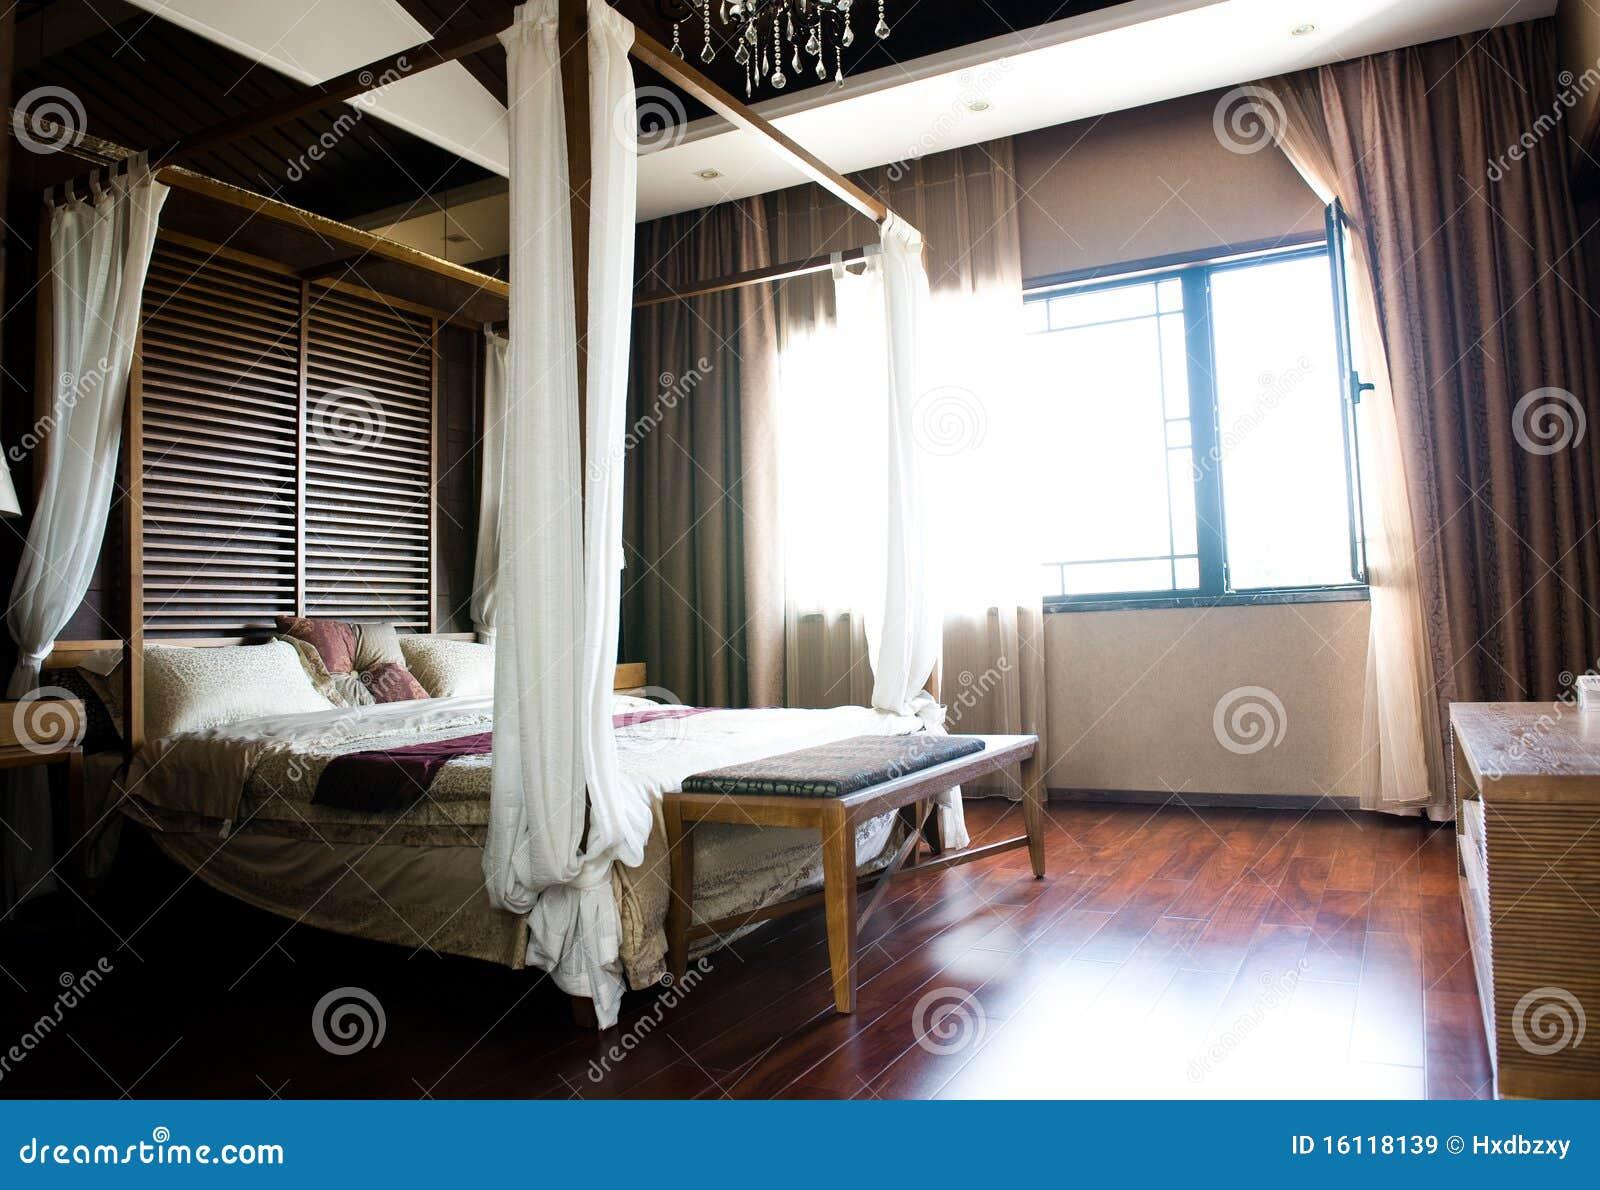 Camere Da Letto Stile Orientale : Camera da letto orientale di stile immagine stock immagine di